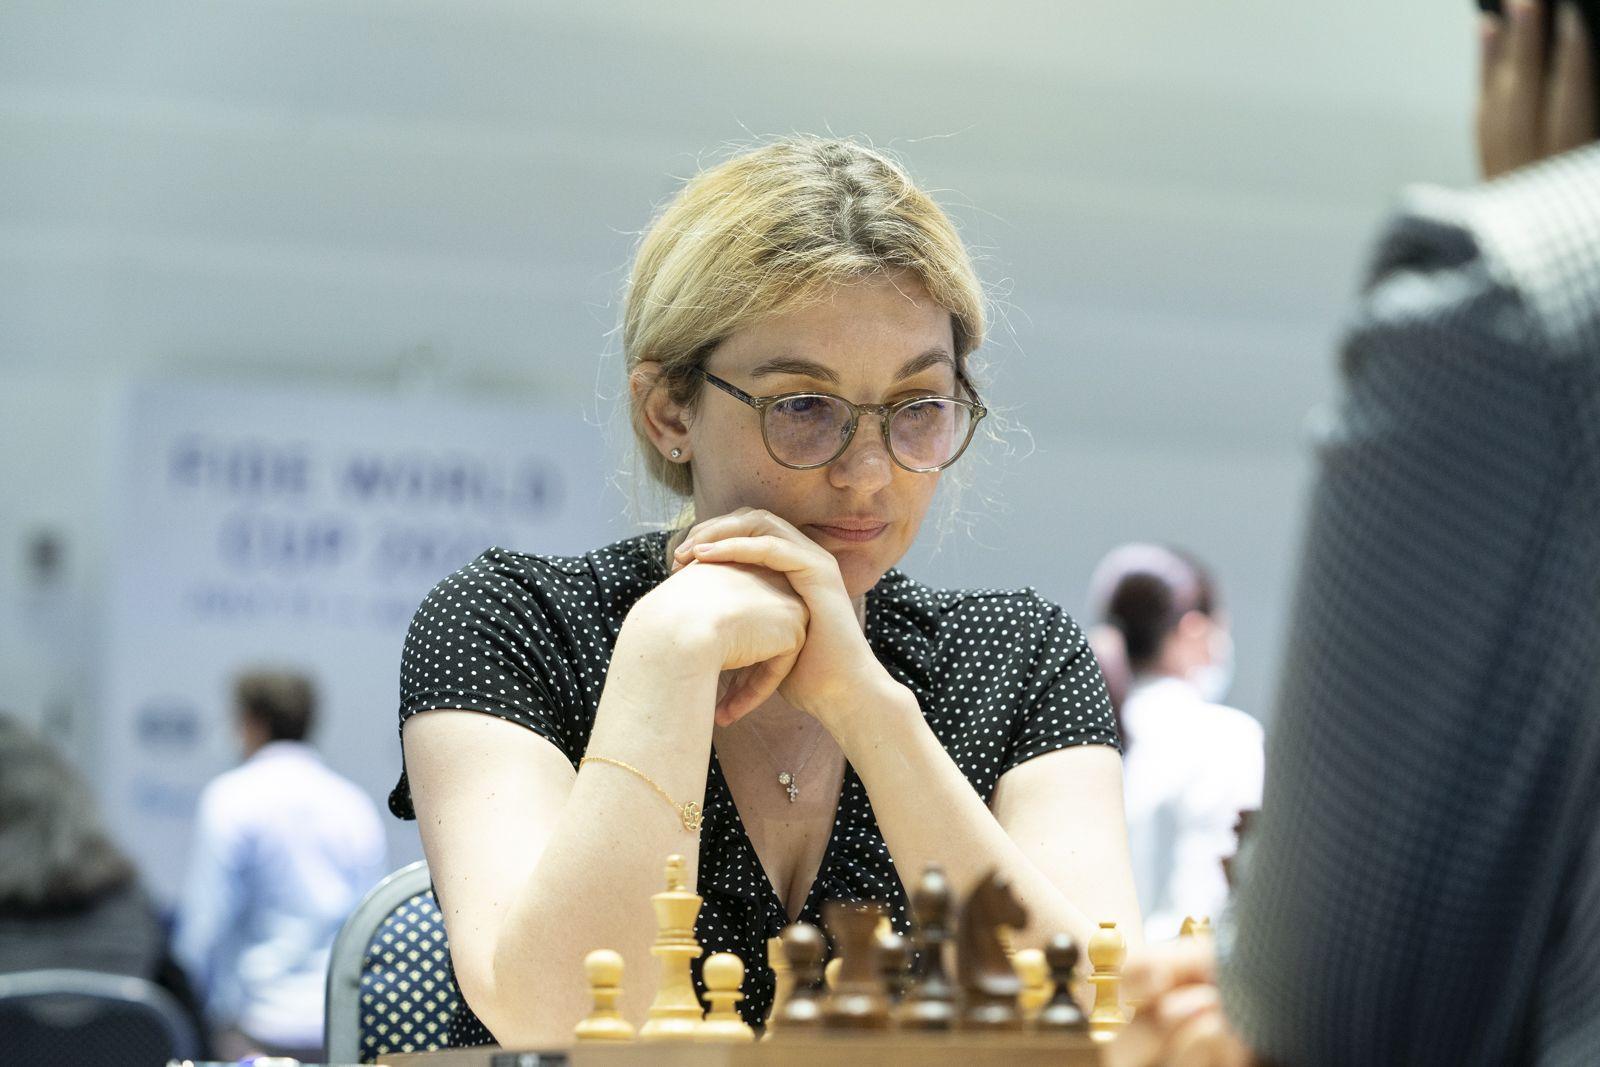 Almira Skripchenko